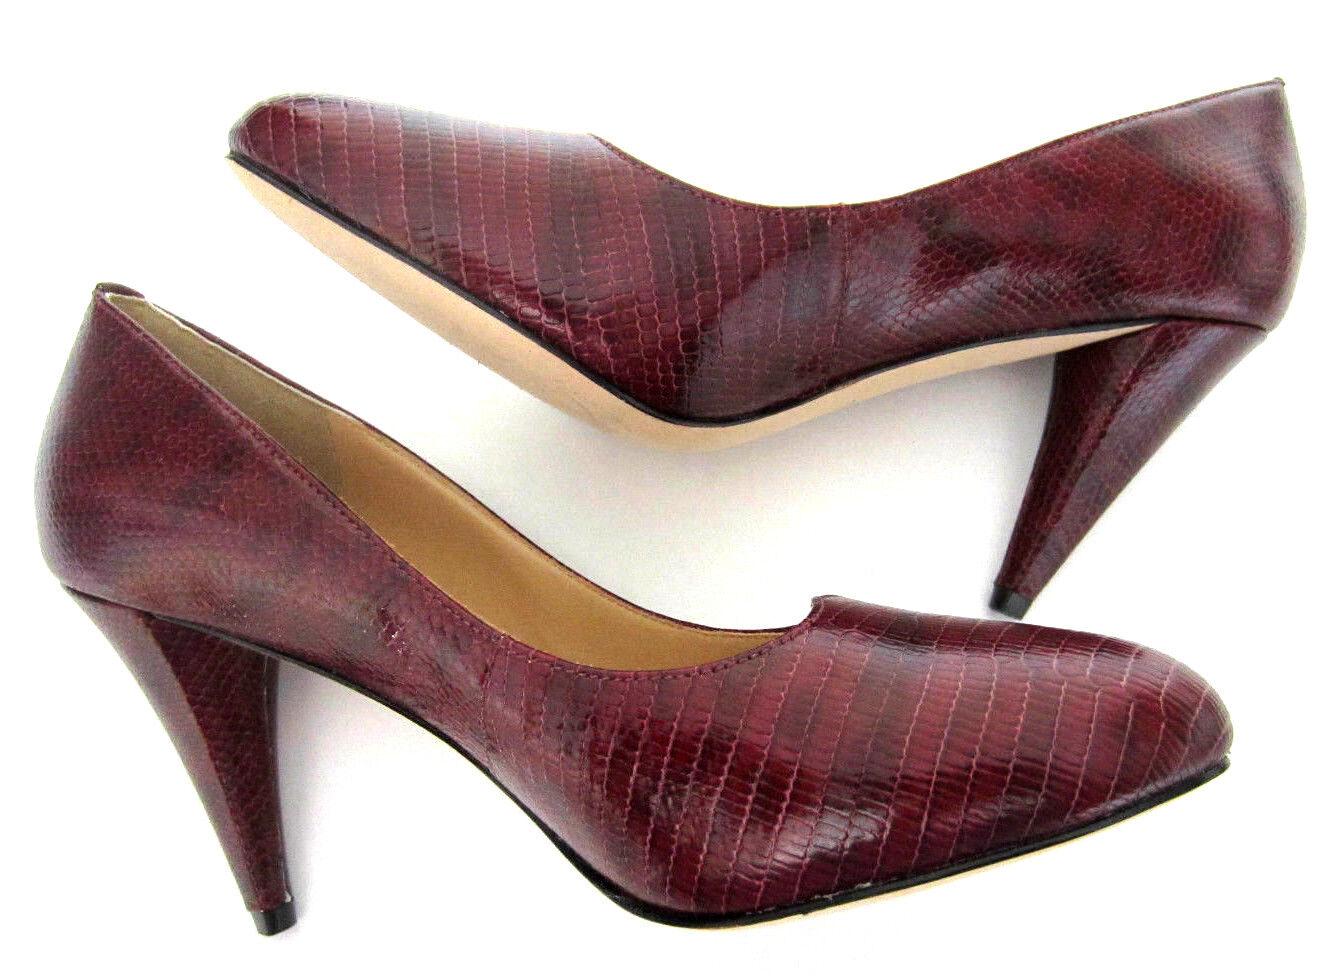 Descuento de liquidación Paul Smith Zapatos De Salón Rojo Vino Piel Lagarto íntegramente en piel 8.9cm